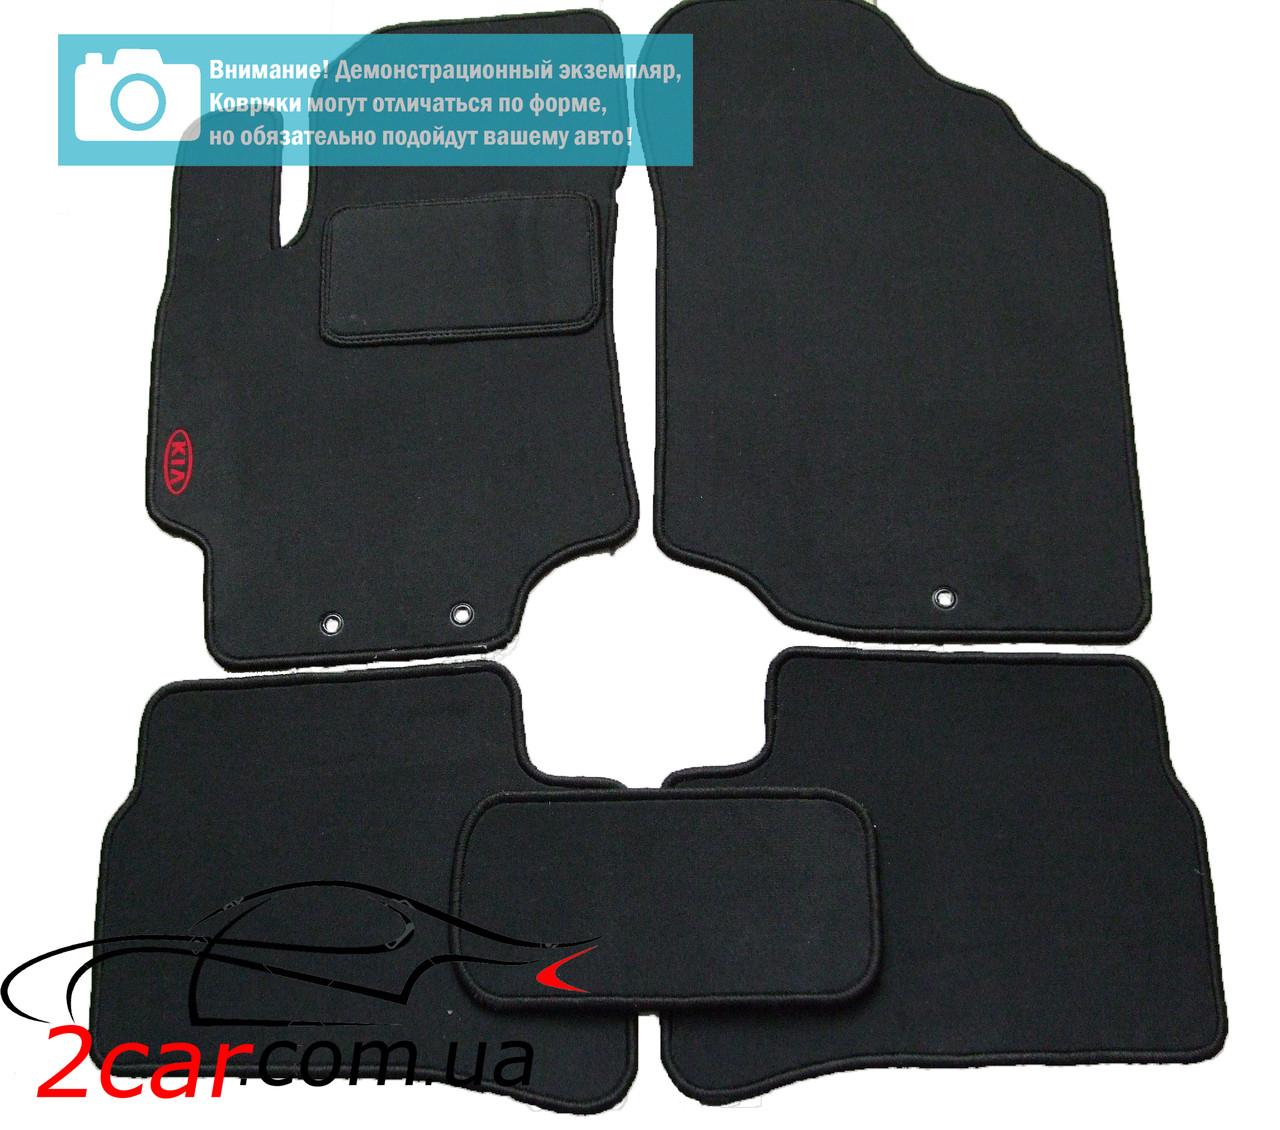 Текстильные коврики в салон для Iran Khodro Samand (2002-) (чёрный) (S